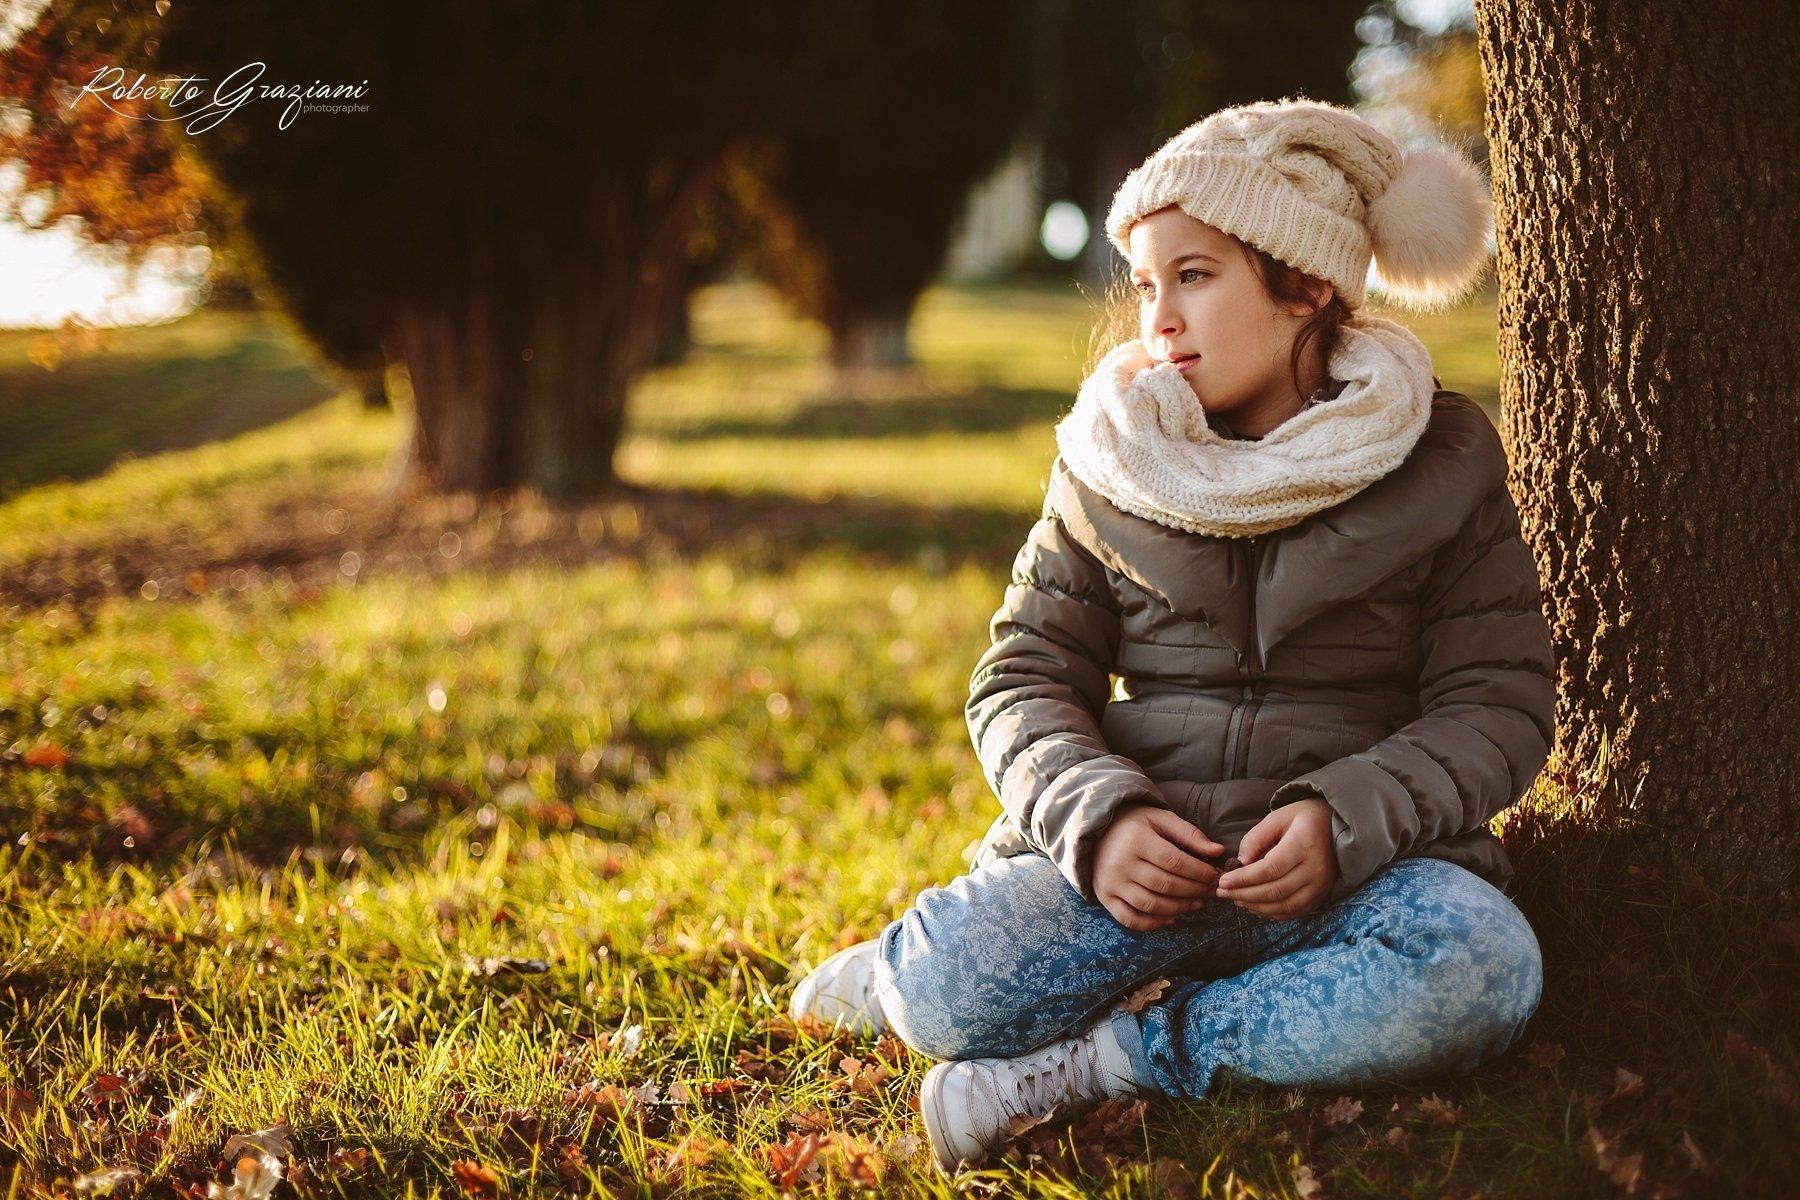 Servizio Fotografico ad una bellissima Bambina in autunno